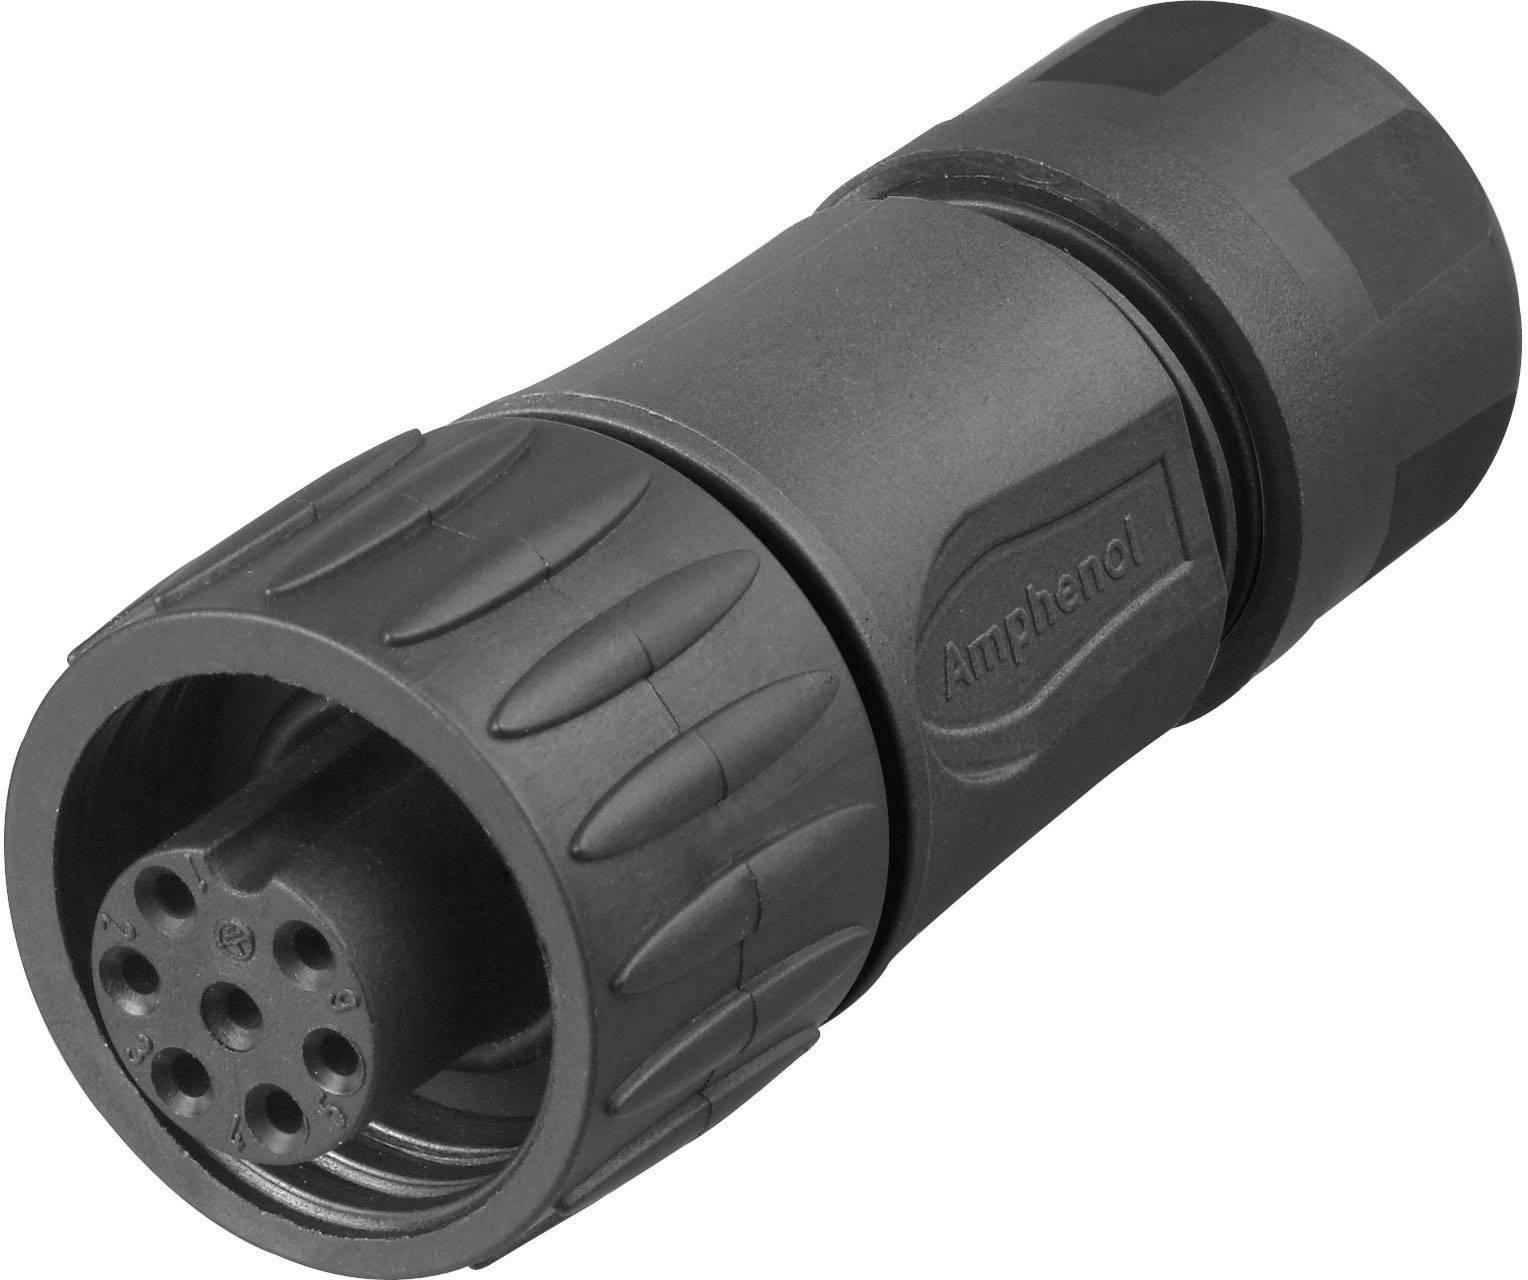 Kabelová zásuvka 6+PE Amphenol C016 30D006 110 12, černá